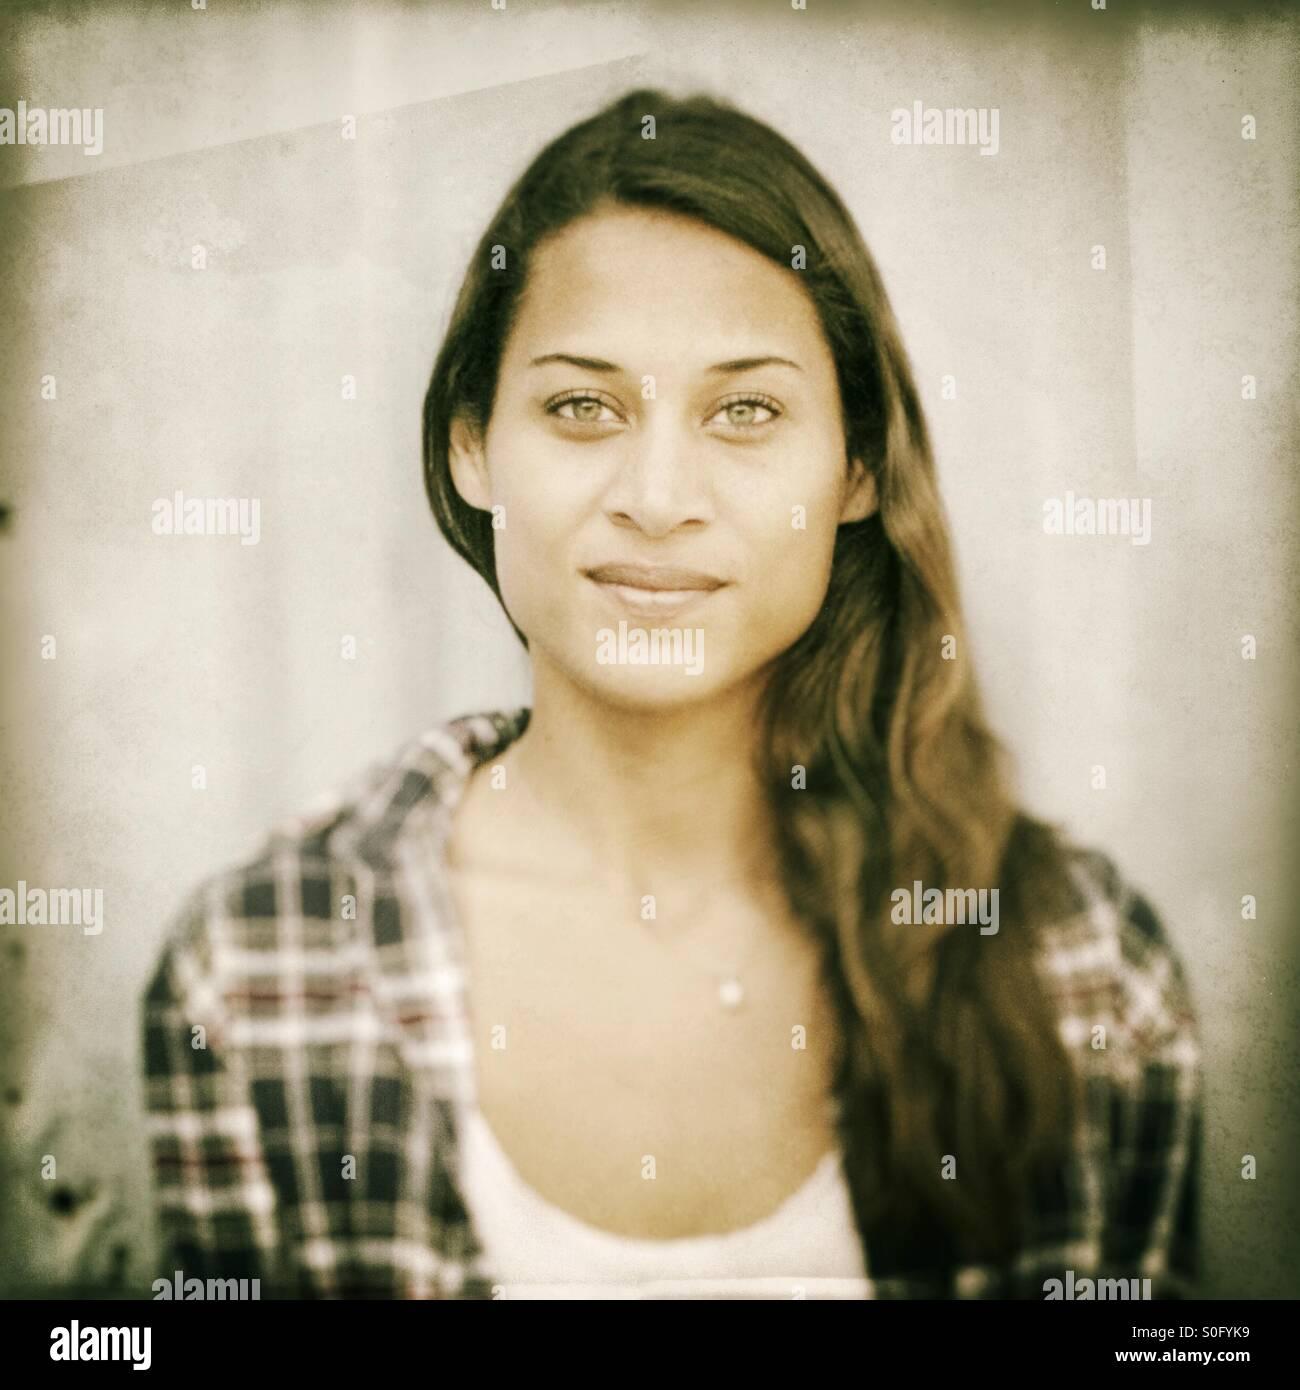 Retrato de una mujer hermosa. Imagen De Stock